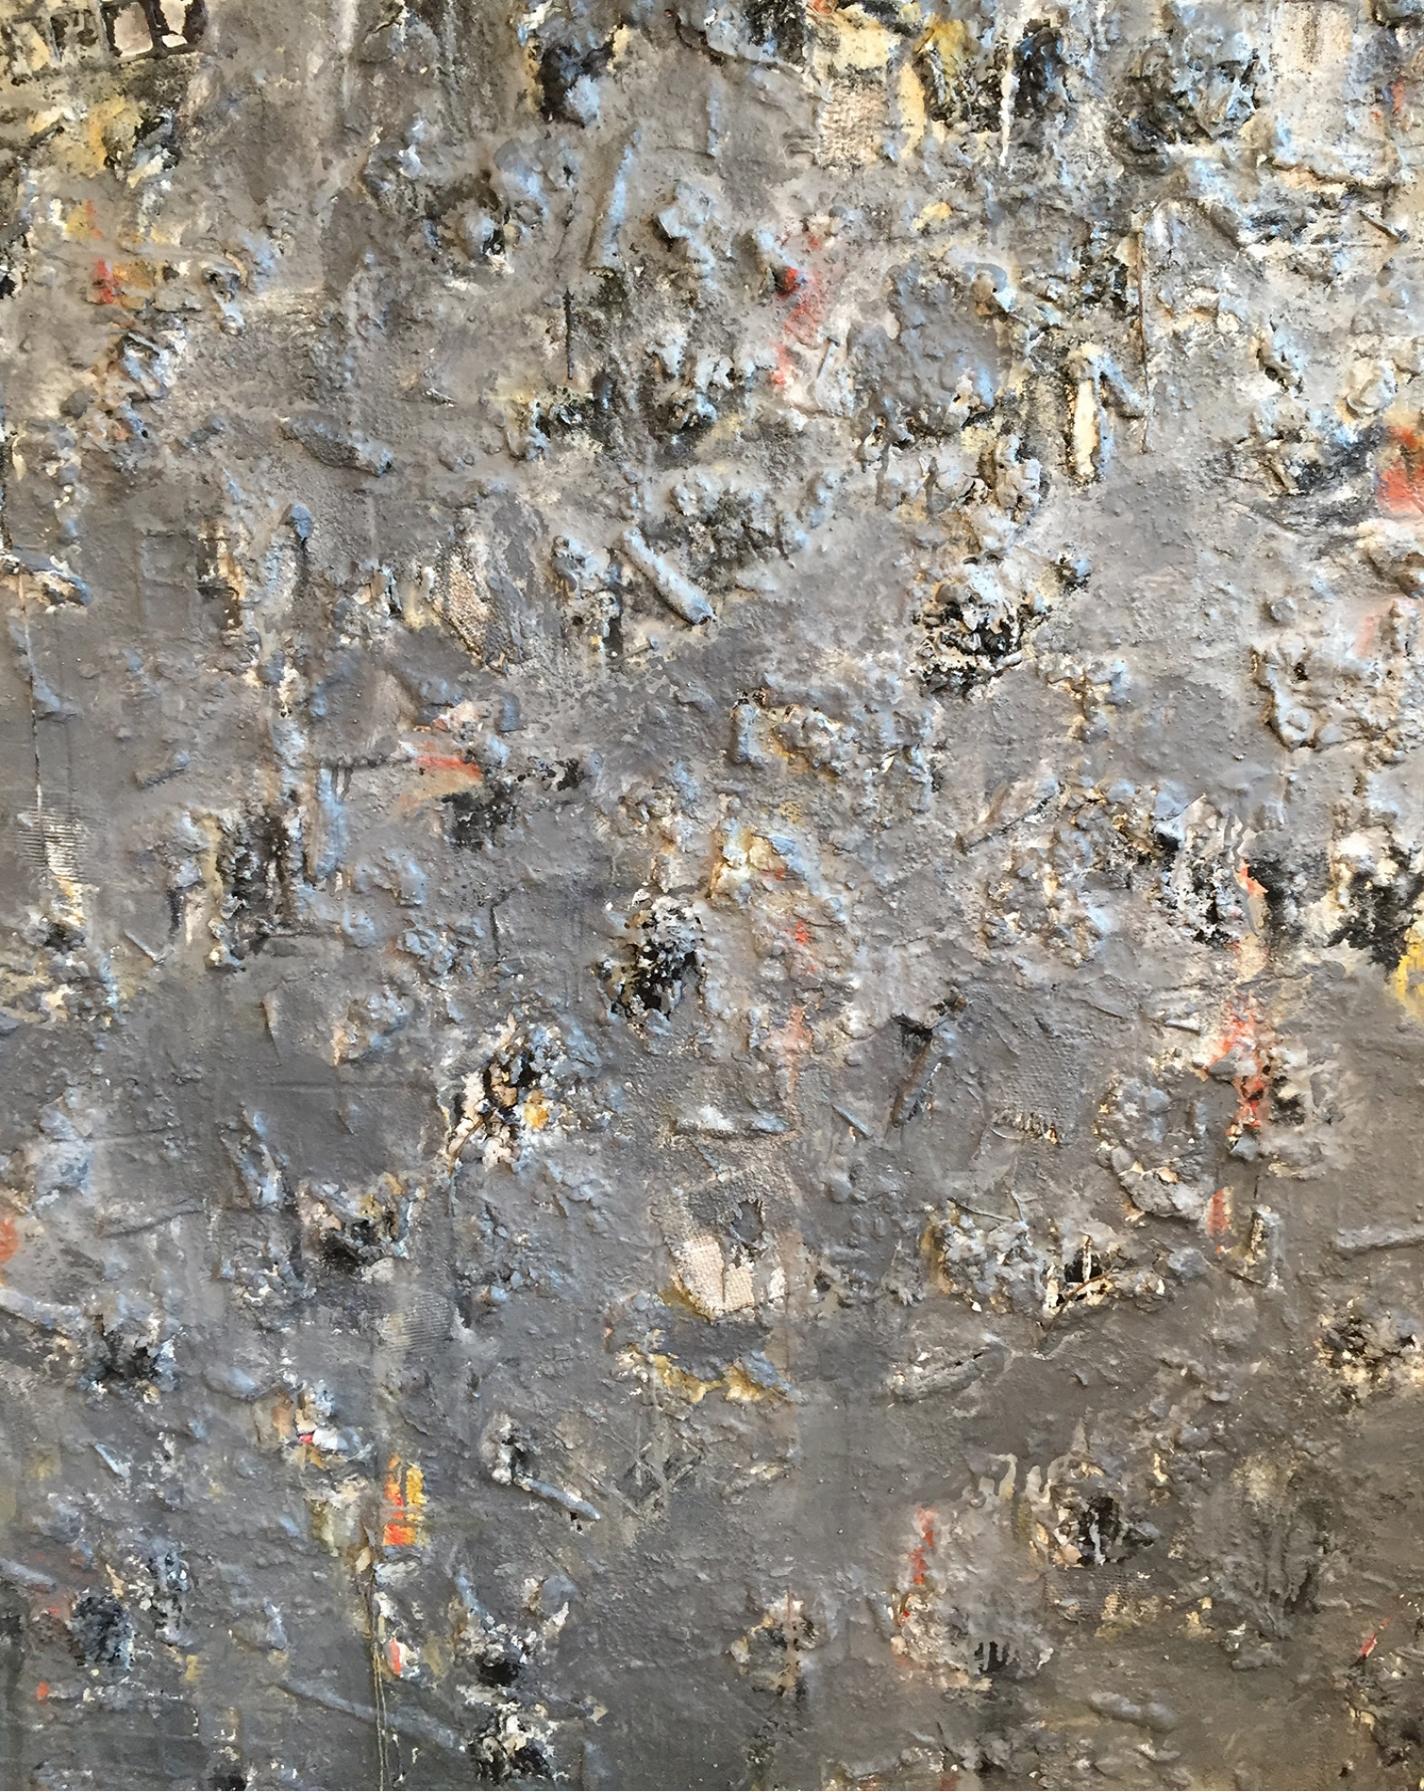 Chipman Cove  Oil, acrylic, wax, sand, seashells, burlap, twine, fiberglass mesh stencil, nails, quartz, cardboard, fiberglass mesh, and sandpaper on panel 48 x 60 in/ 121.9 x 152.4 cm